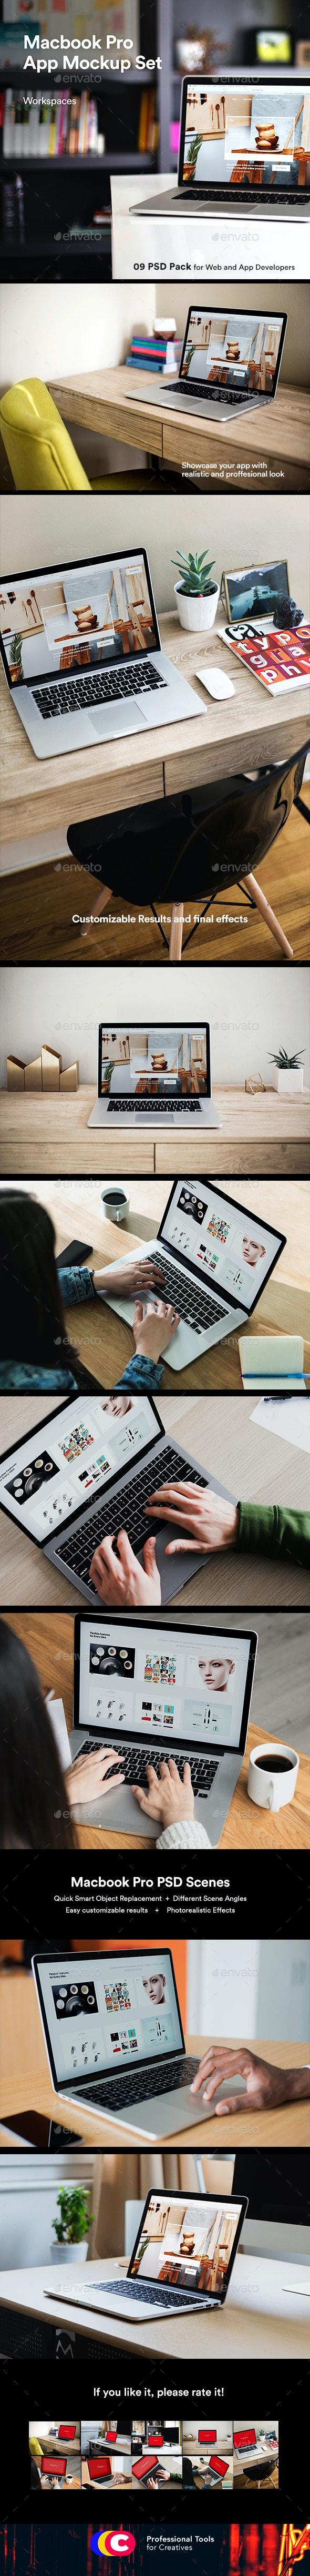 Psd Laptop Mockups - Laptop Displays